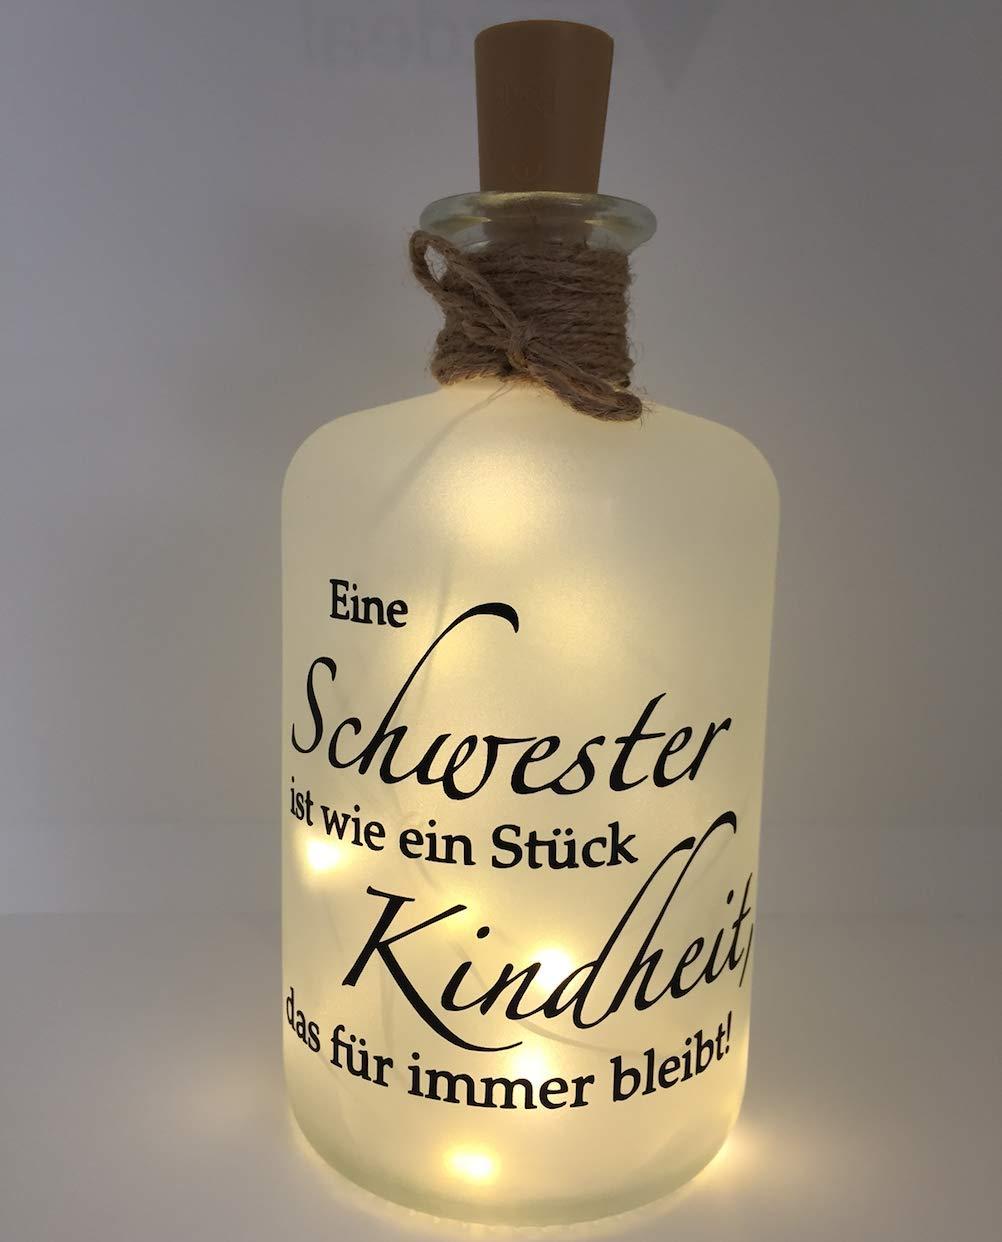 Farbwuselei Flaschenlicht Schwester ist wie EIN Stück Kindheit, das für Immer bleibt Bottlelight Dekoflasche Beleuchtung LED Leuchtflasche Lichterkette Geschenk Homedeco modern Bild